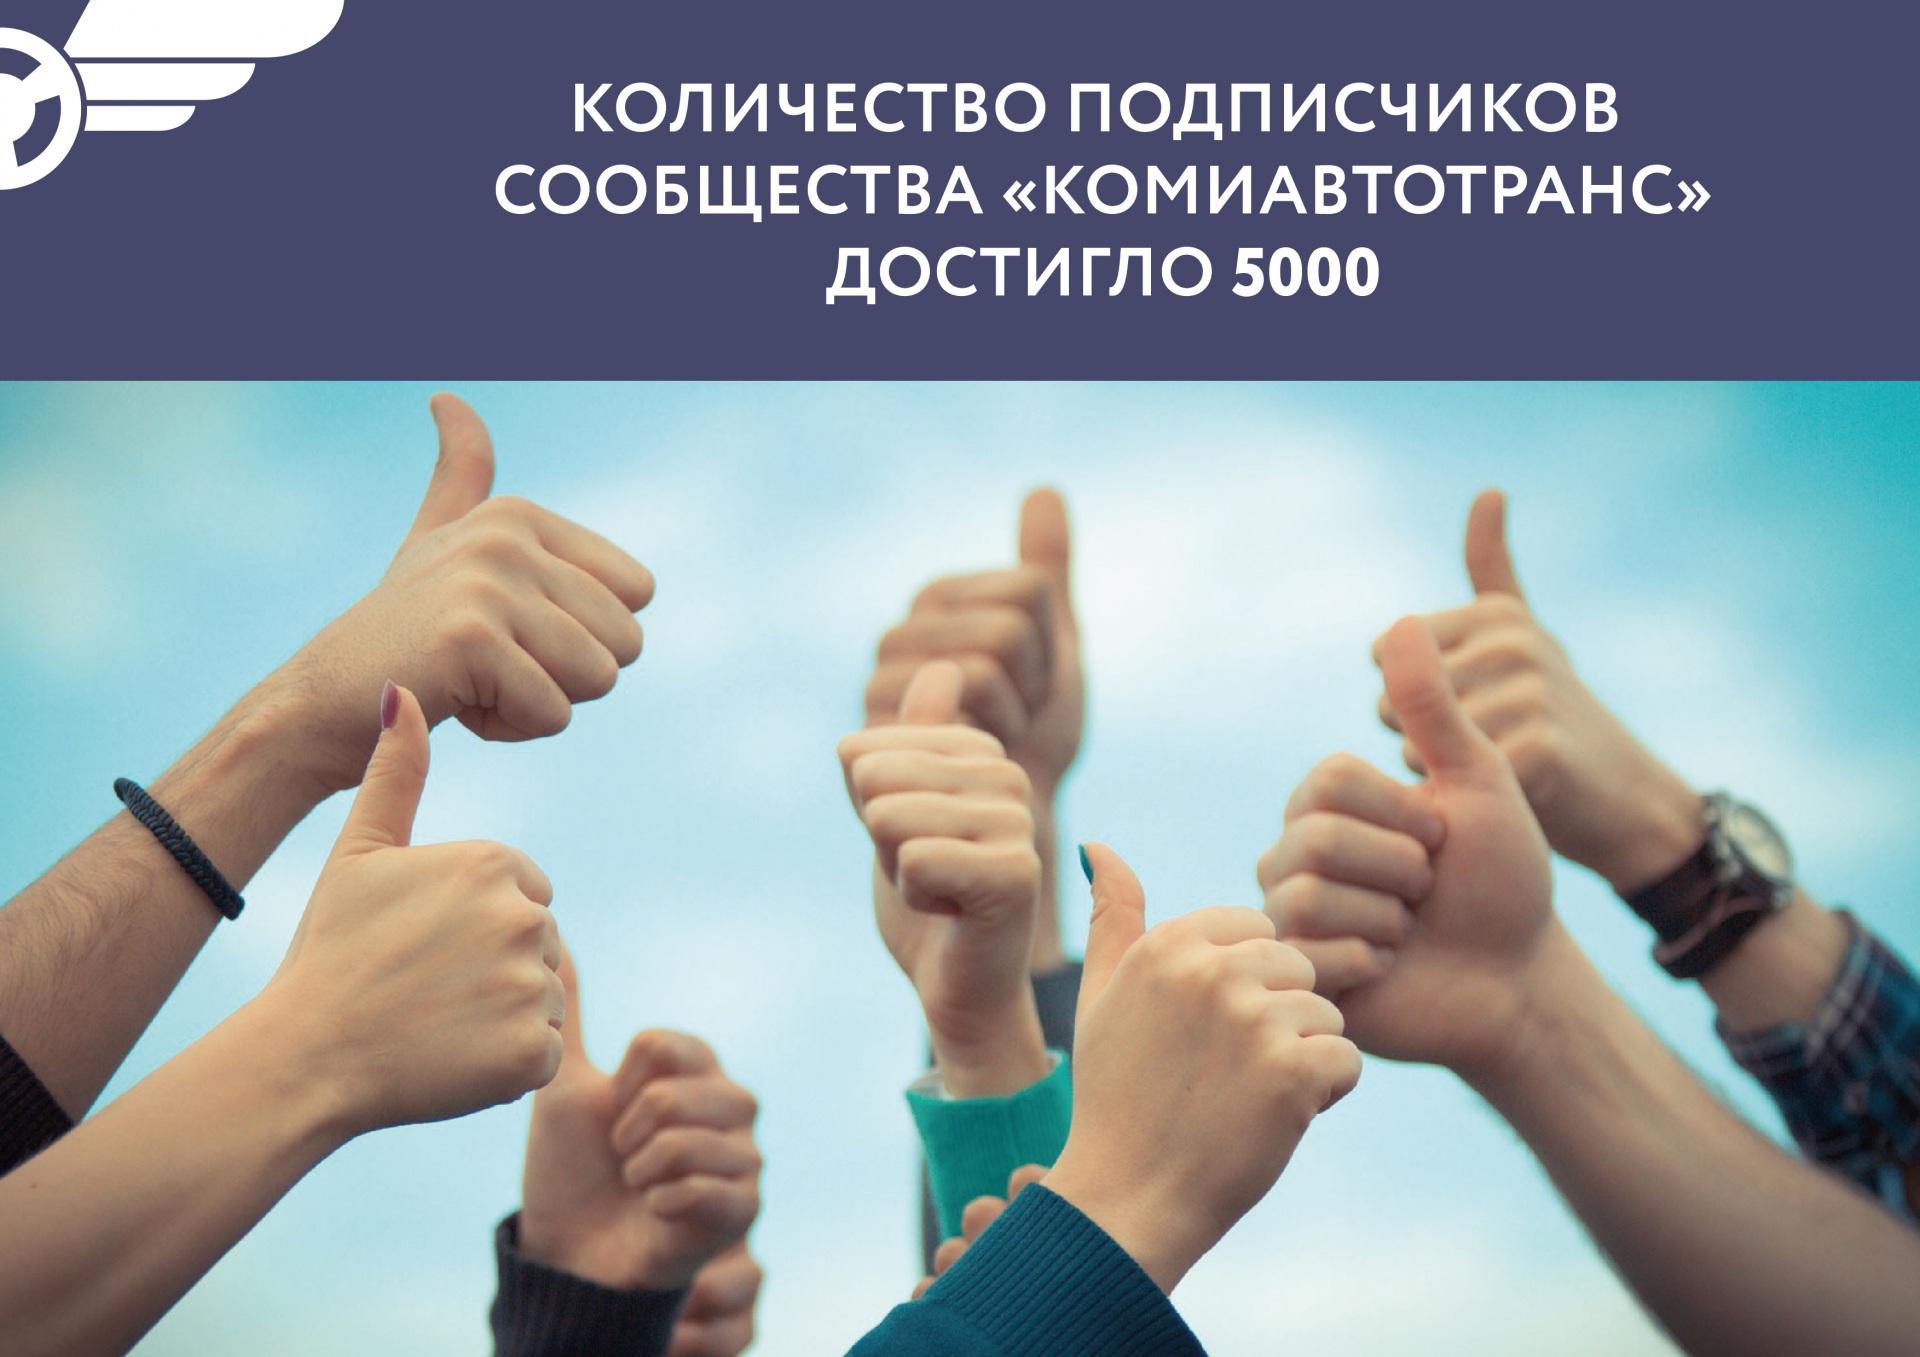 Post-dlya-VK_5000-01.jpg